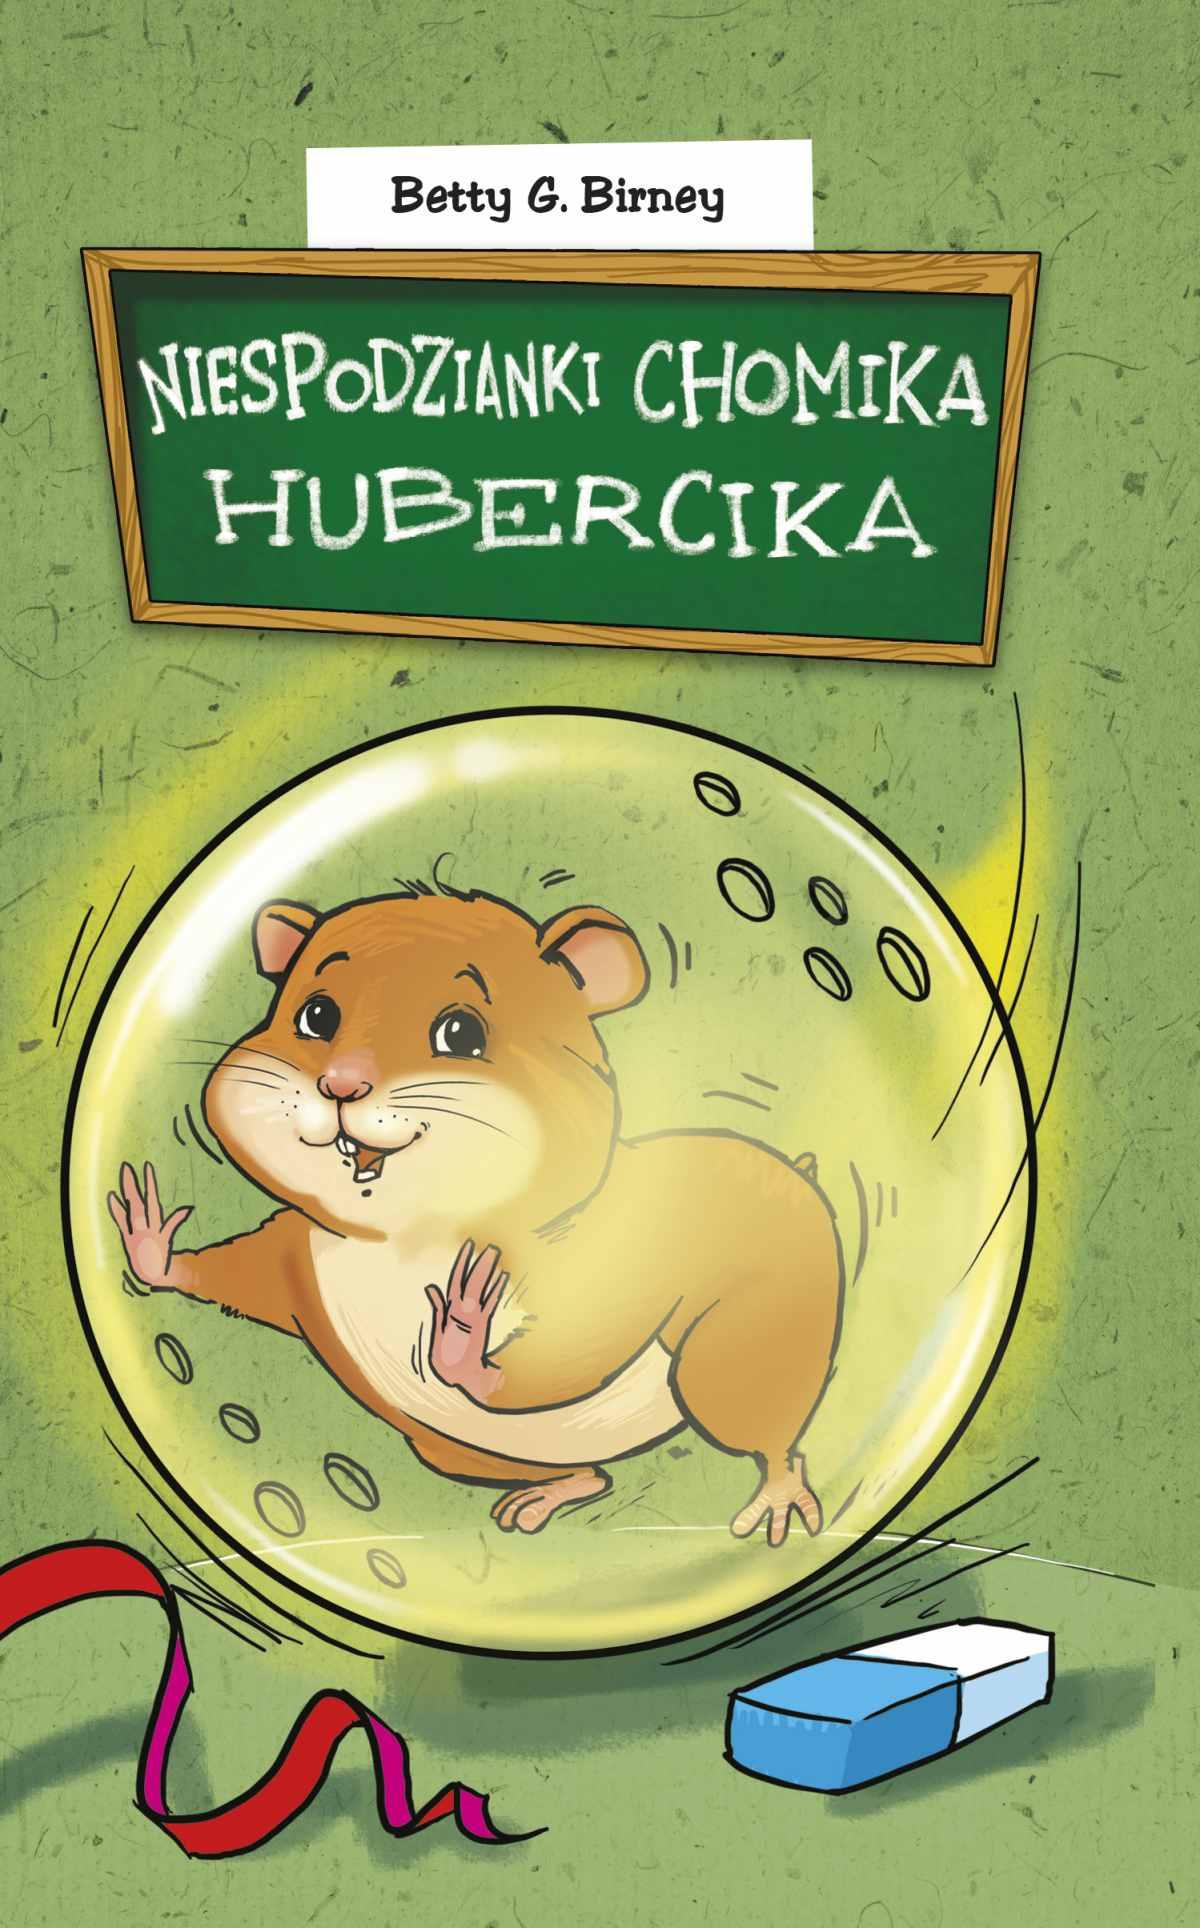 Niespodzianki chomika Hubercika - Ebook (Książka na Kindle) do pobrania w formacie MOBI